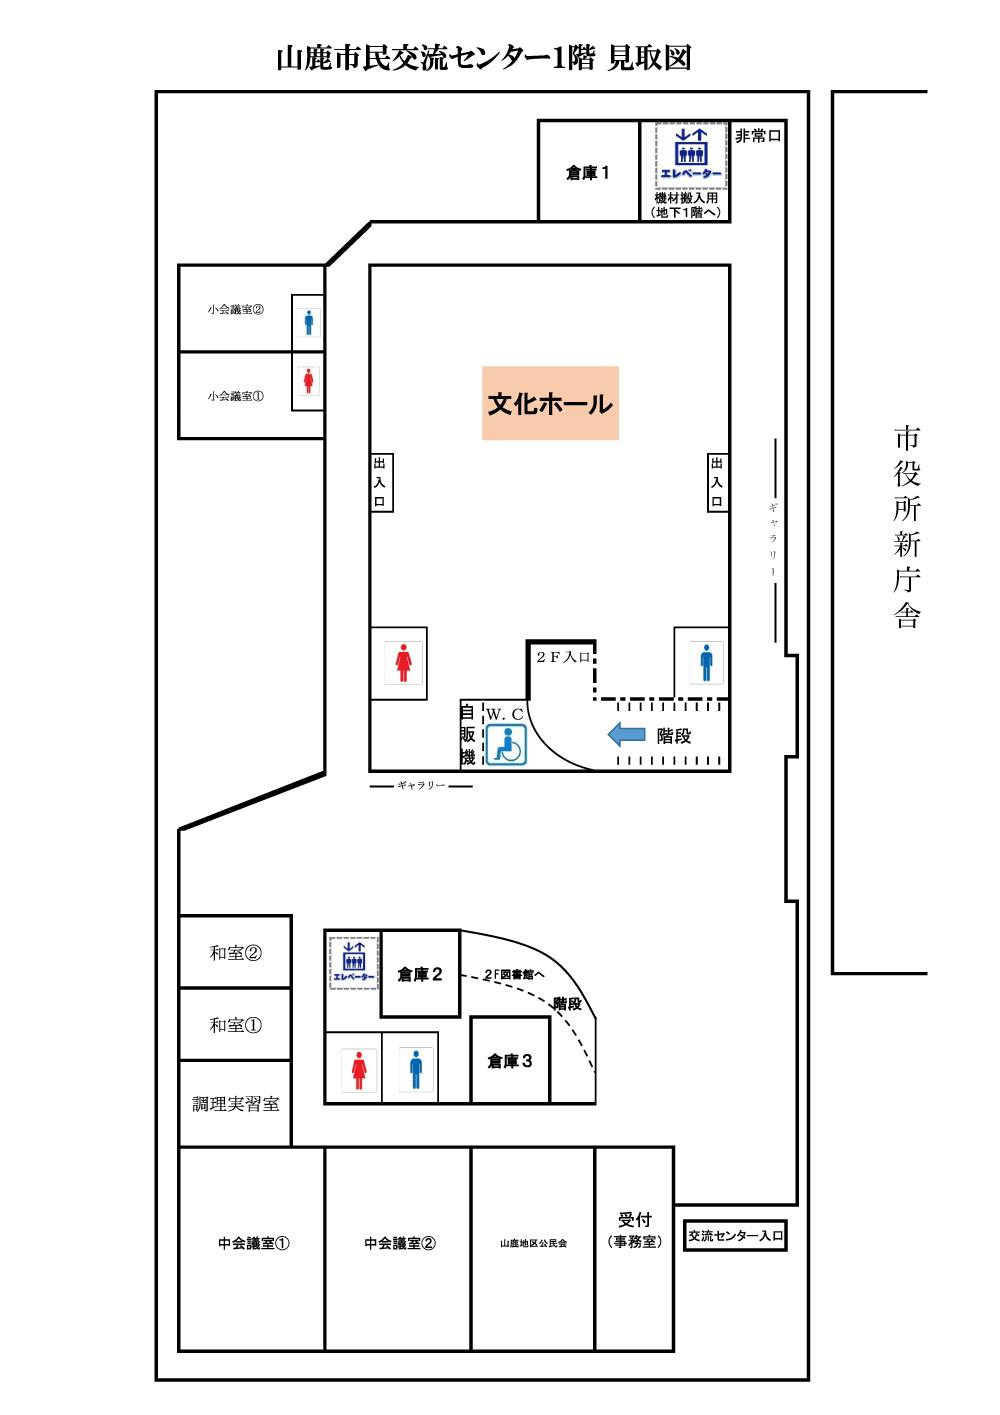 1階フロア見取り図